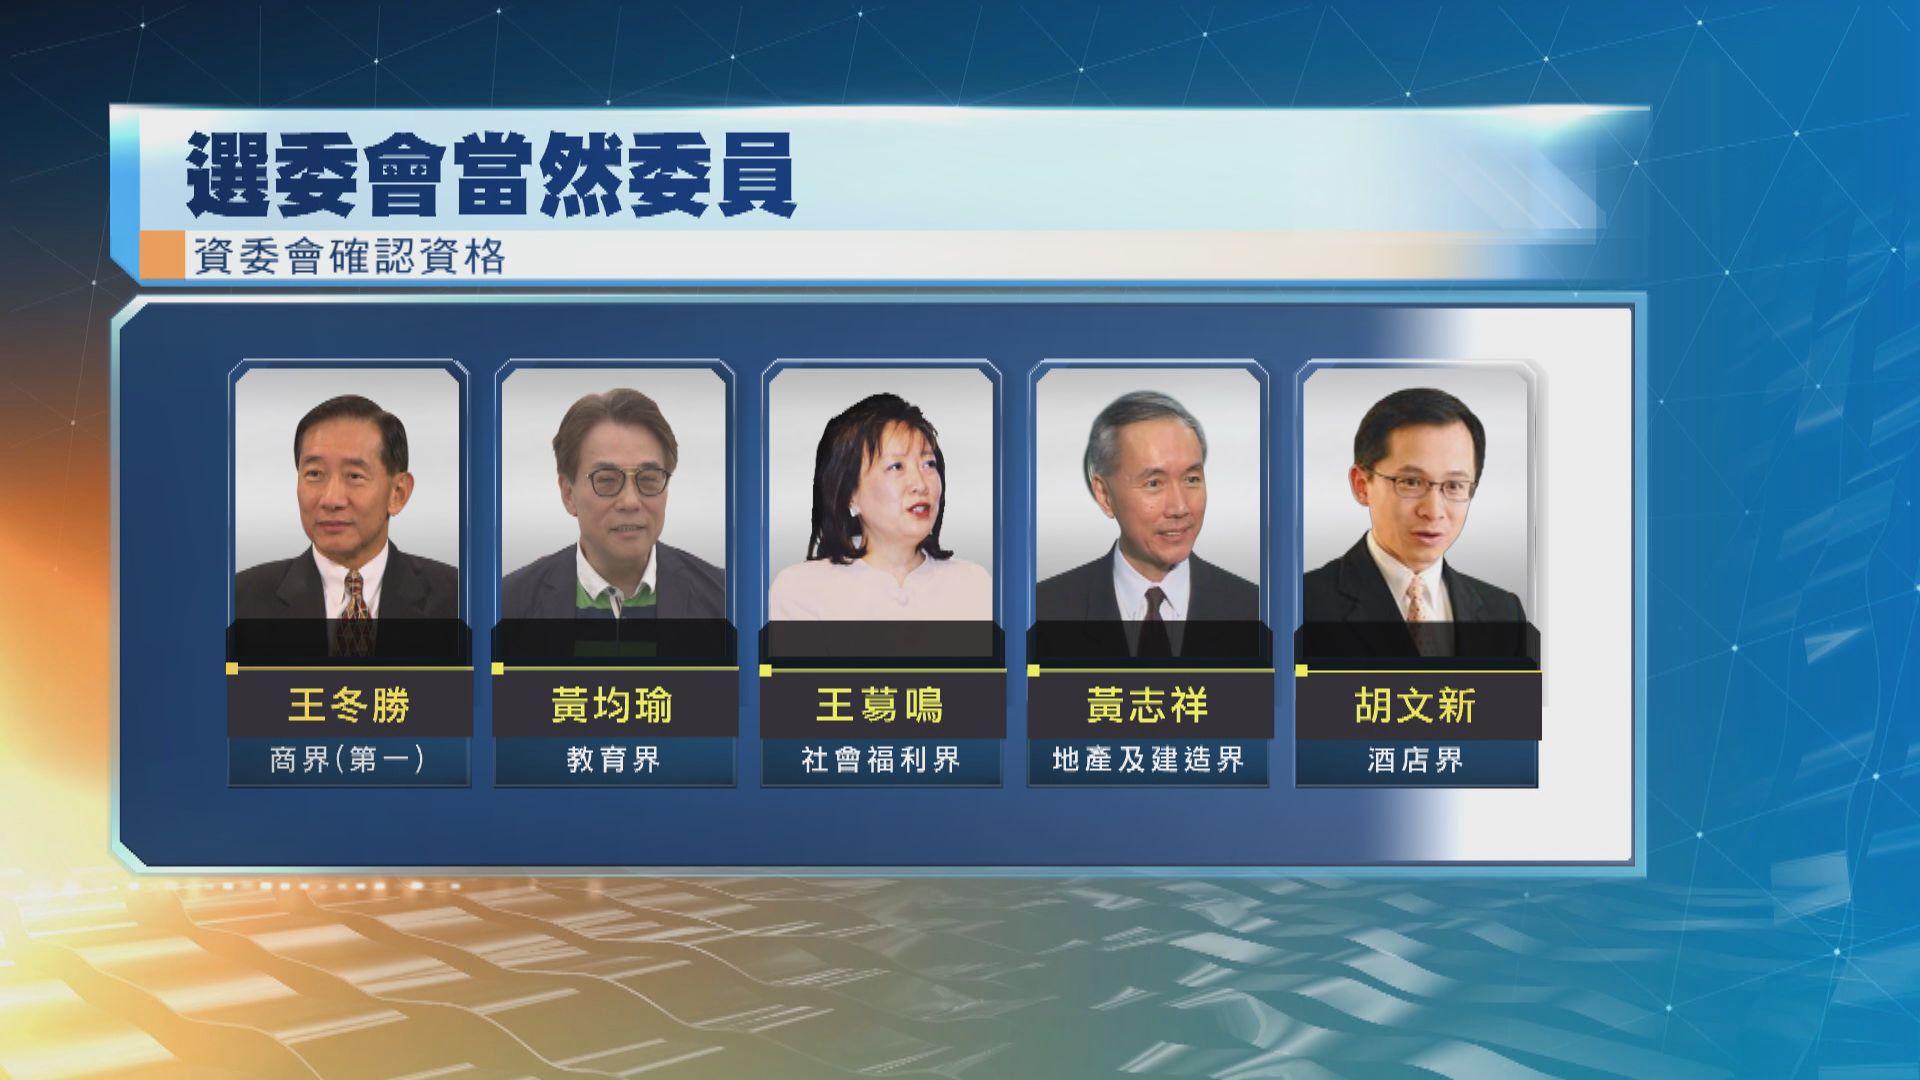 資委會裁定十五名選委會當然委員登記有效